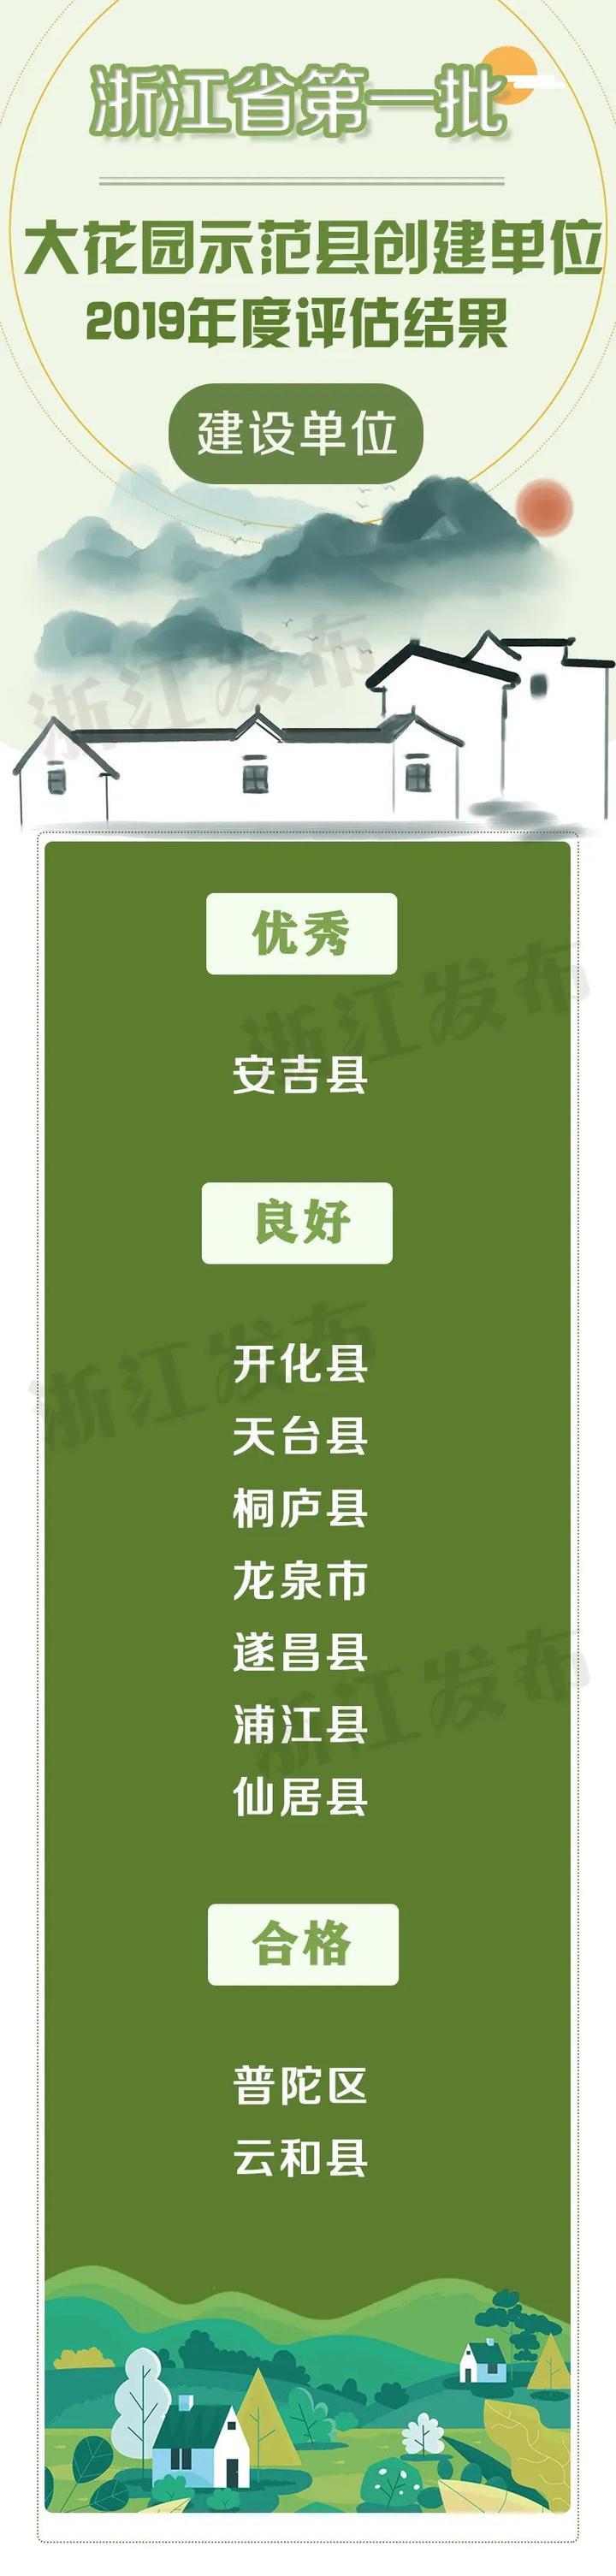 【浙江榜单】2019年度浙江省大花园示范县创建单位名单(20家)